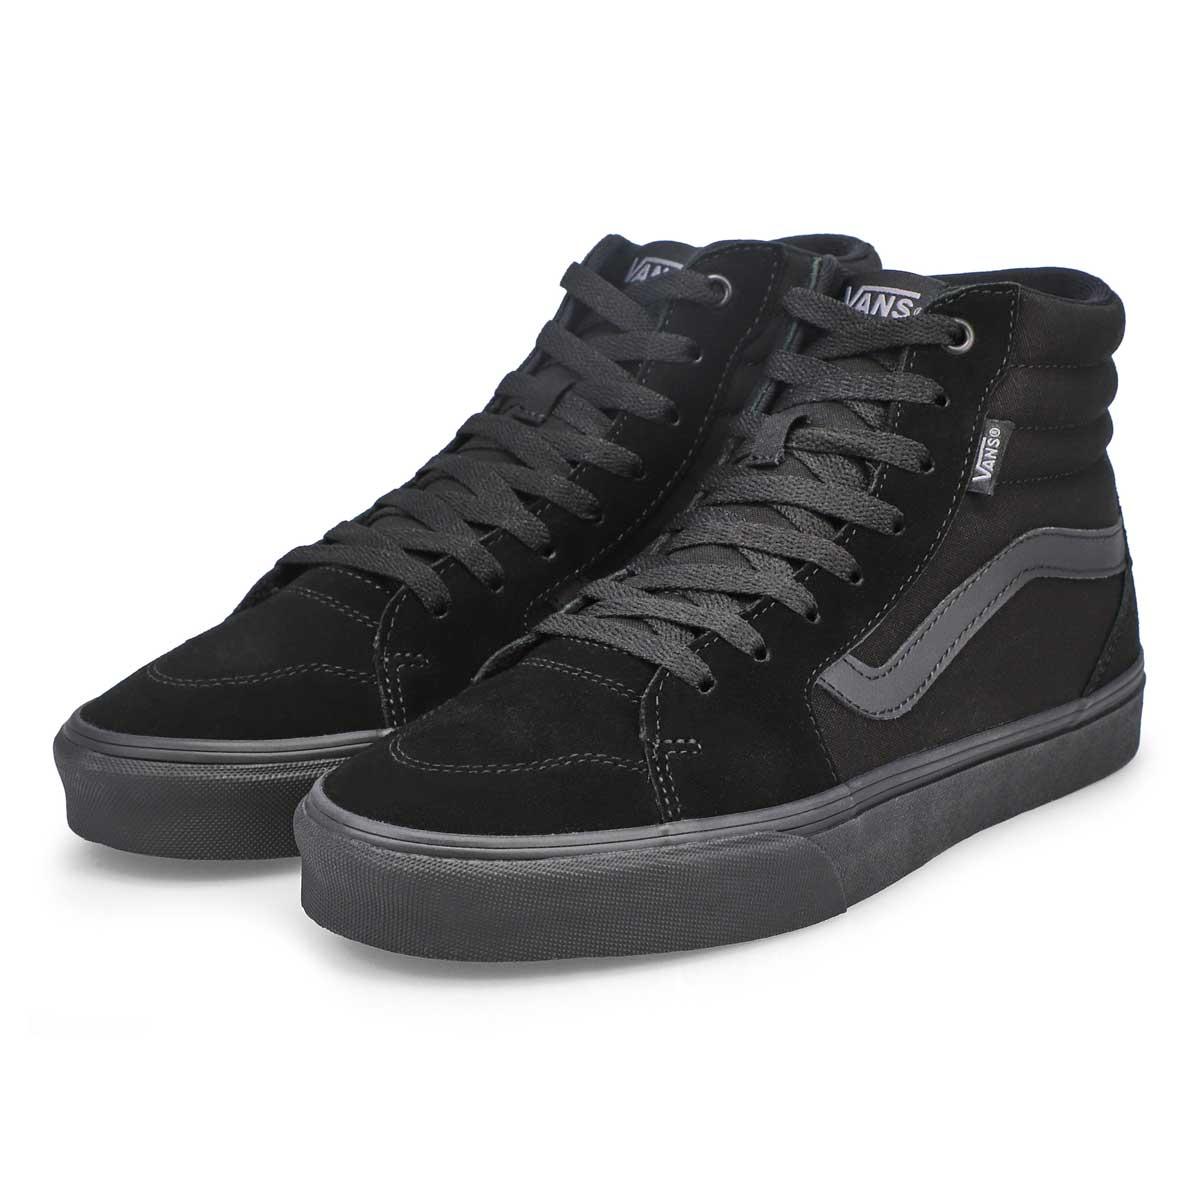 Men's Filmore Hi Top Sneaker - Black/Black